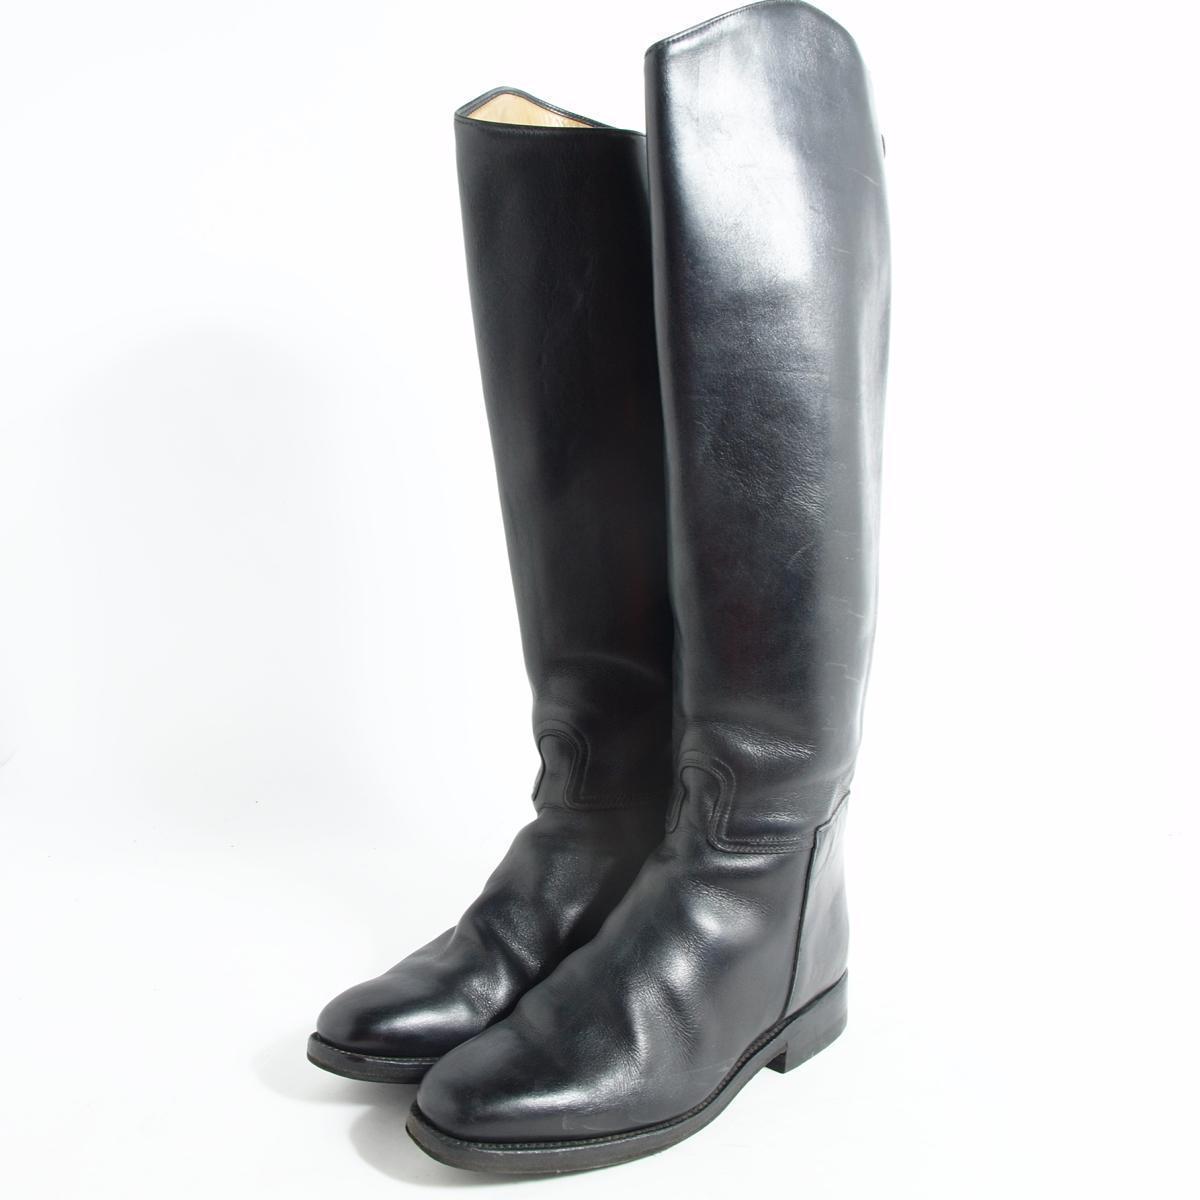 カバロ ジョッキー乗馬ブーツ 5 レディース23.0cm Cavallo /boj9970 【中古】【古着屋JAM】 【161026】【SS1903】